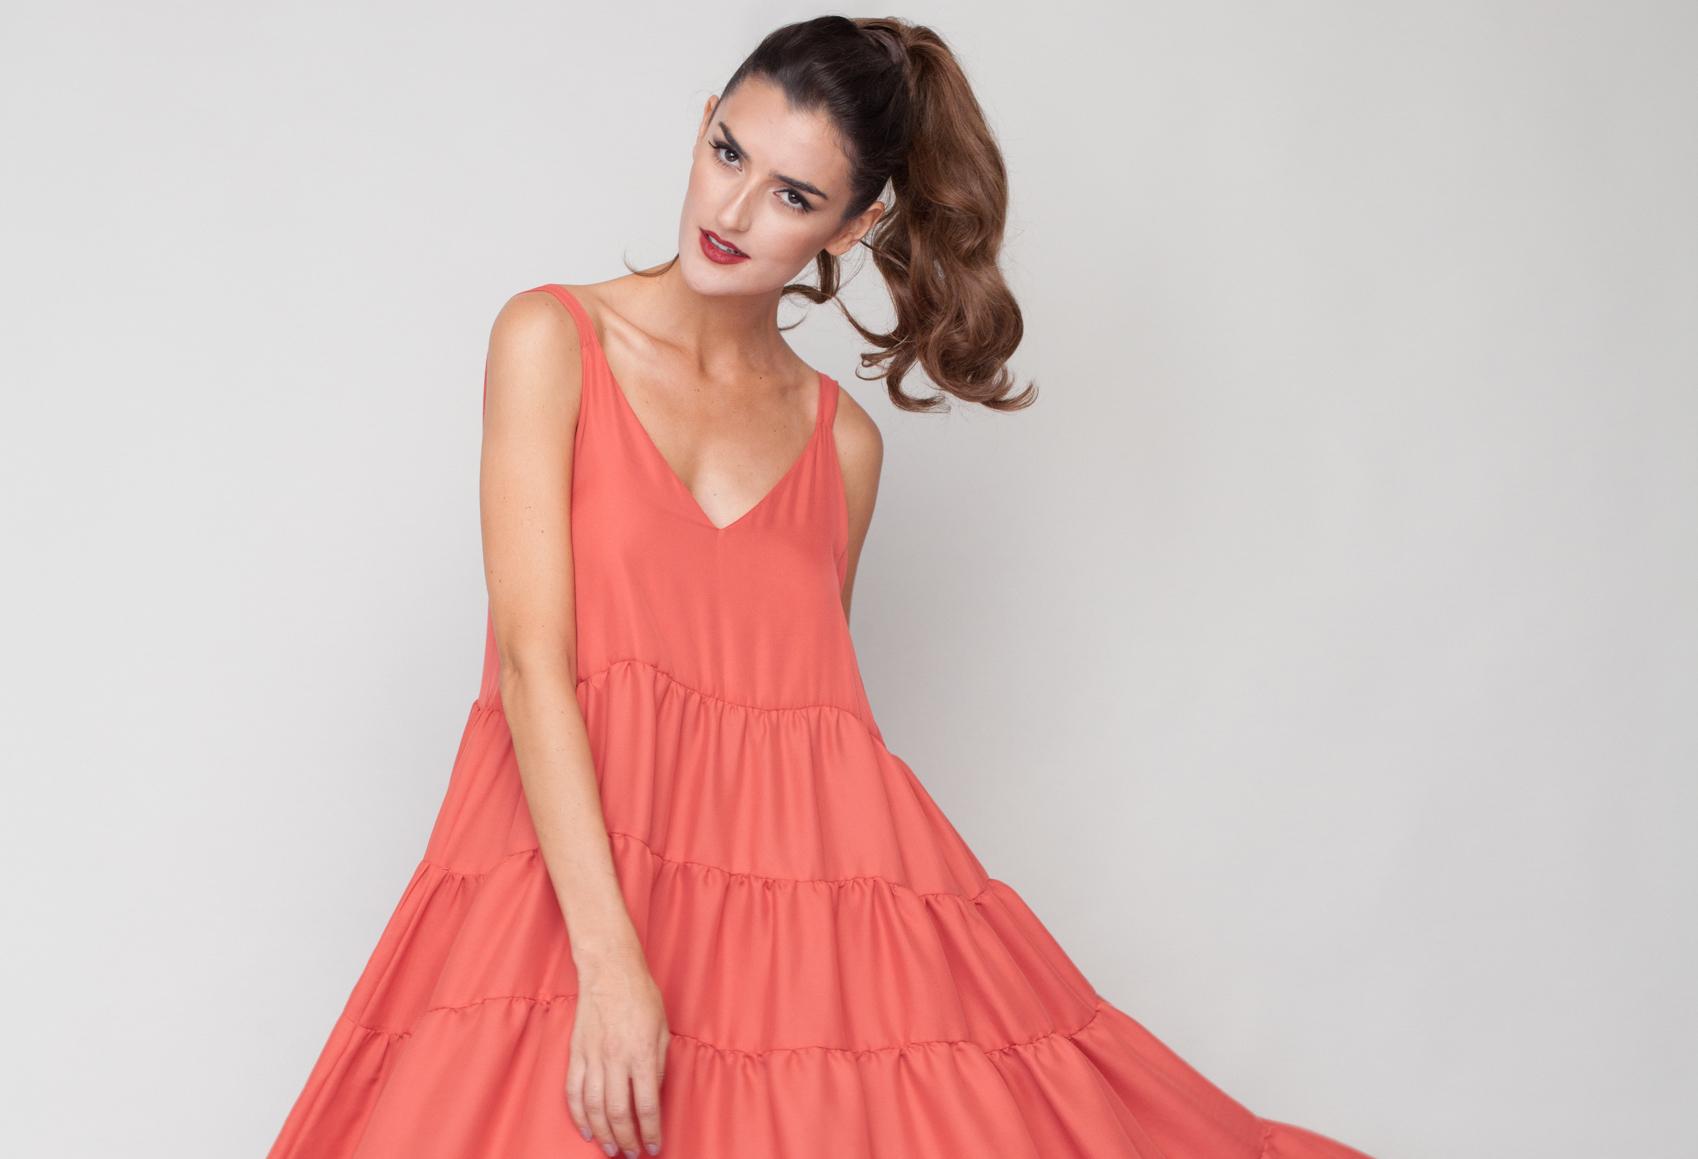 השמלות הכי שוות לחברות